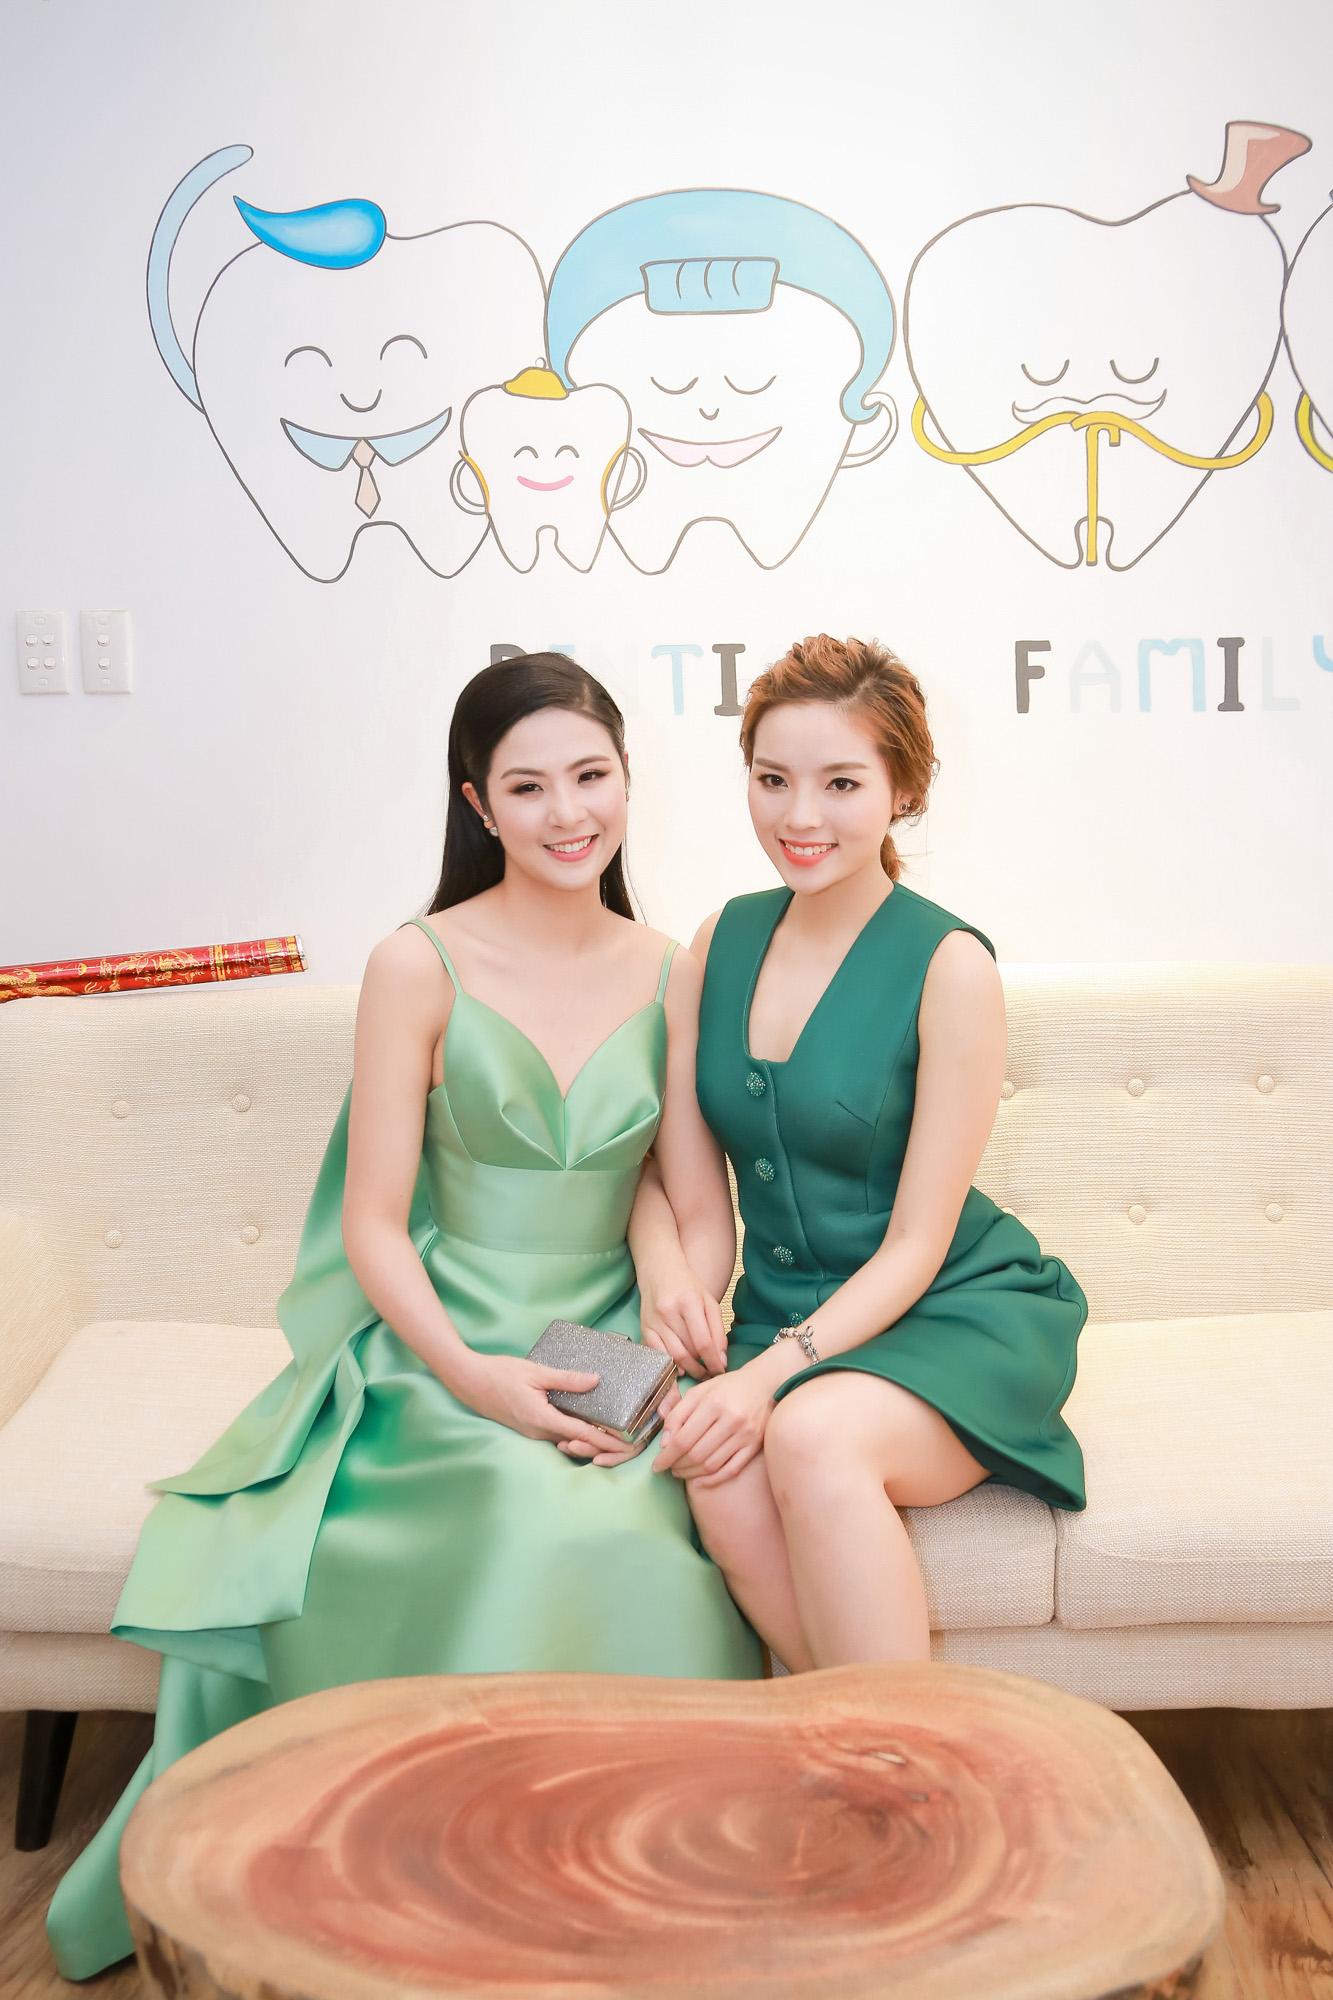 Hoa hậu Ngọc Hân và hoa hậu Kỳ Duyên